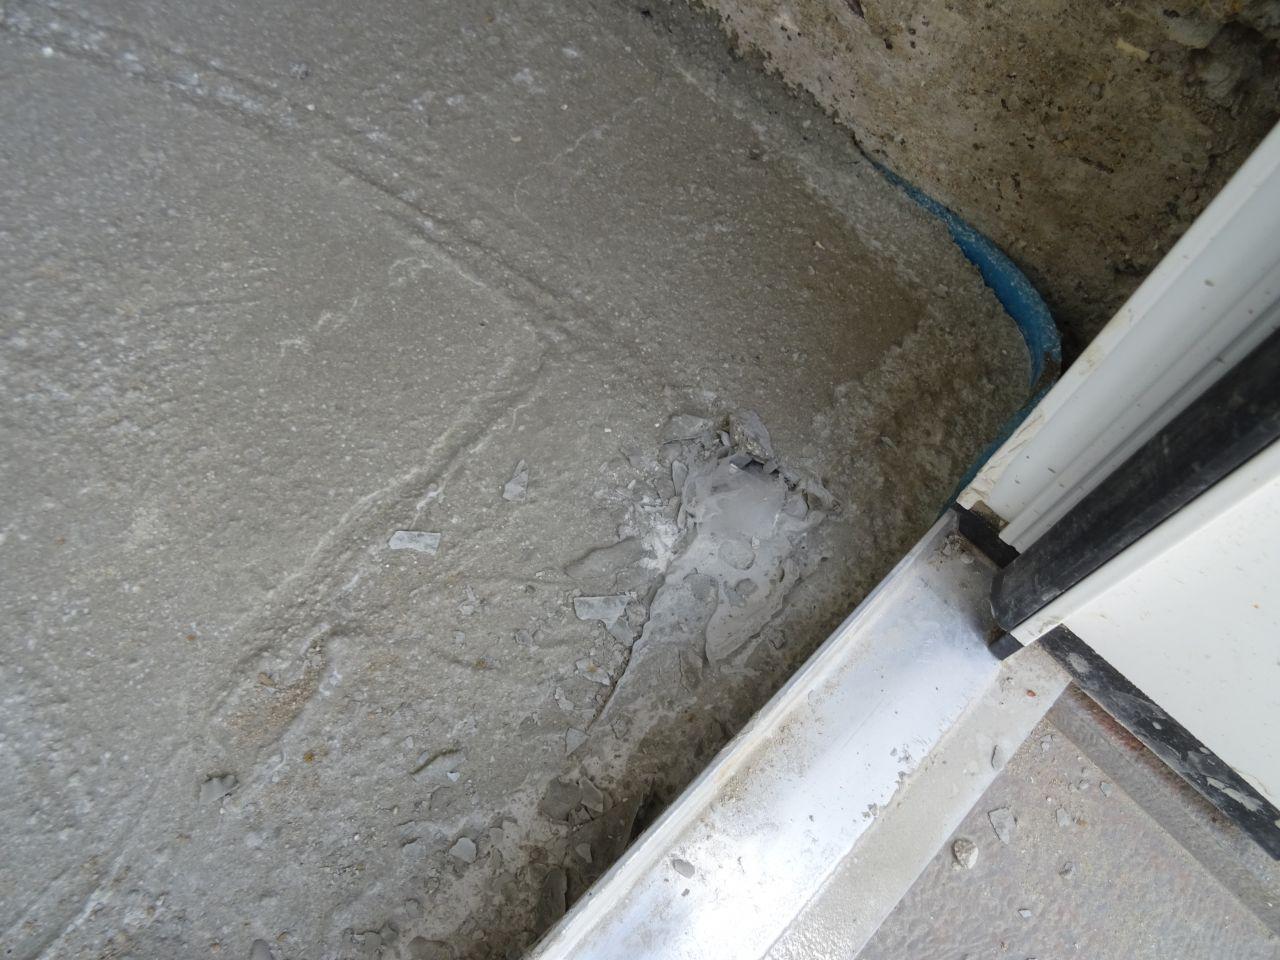 Un morceau de plastique pris dans la dalle. <br /> Malin d'avoir laissé le plastique sur la porte au moment du coulage de la dalle...